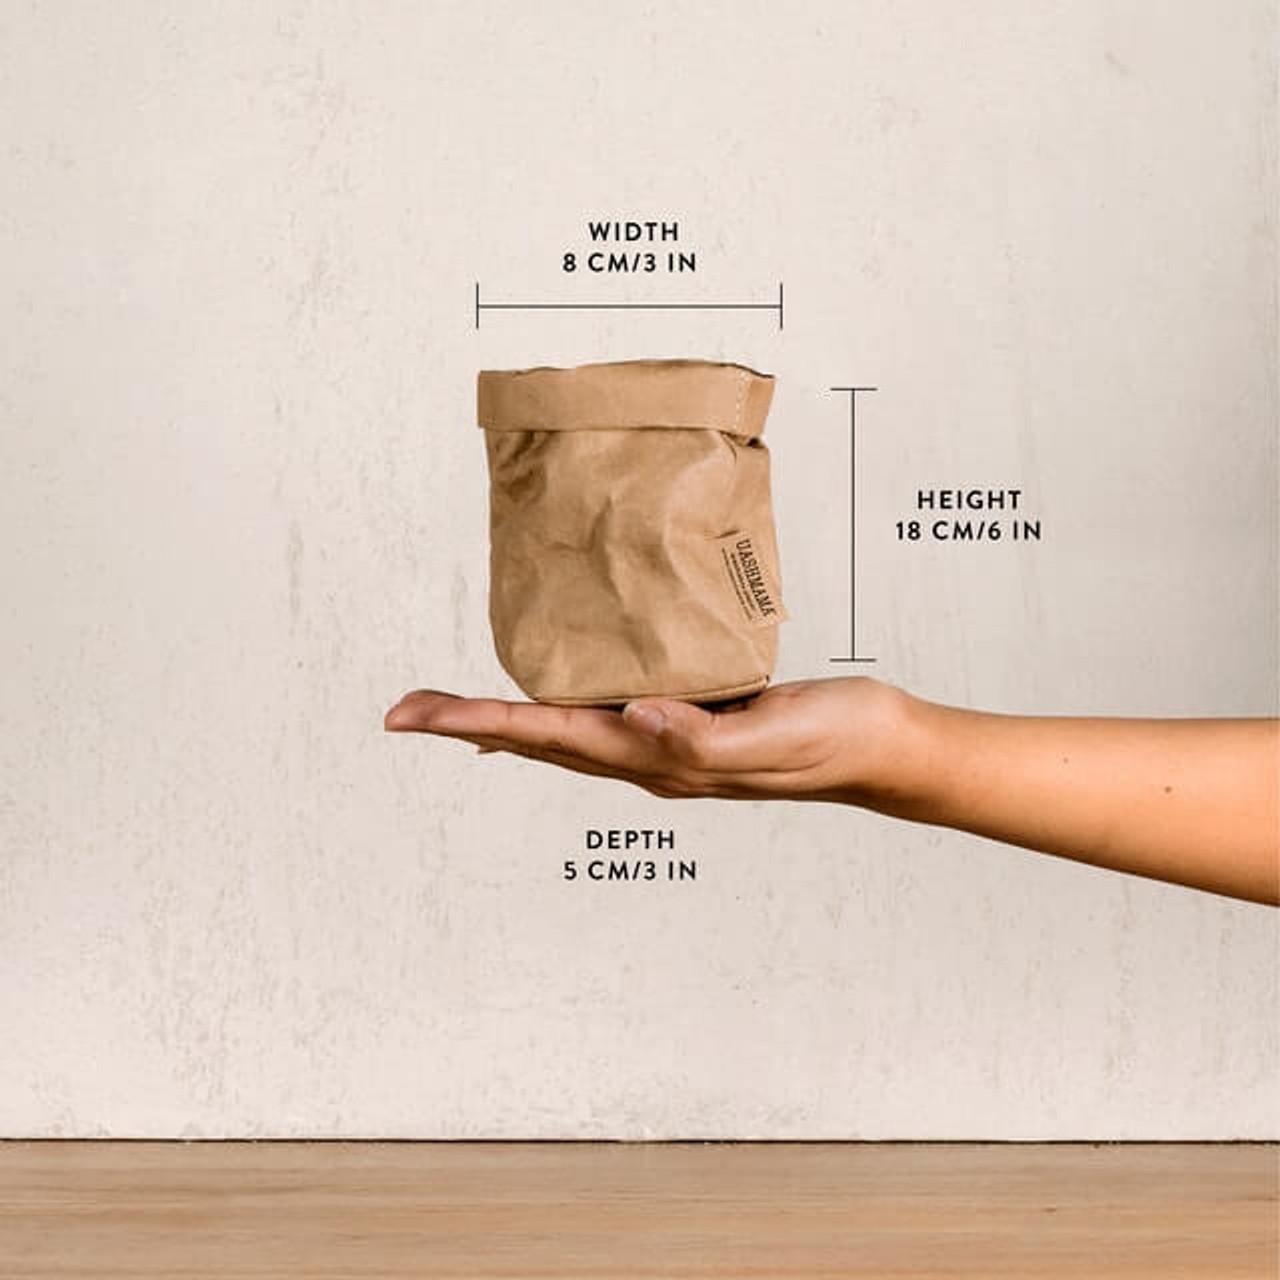 UASHMAMA piccolo organic paper bags